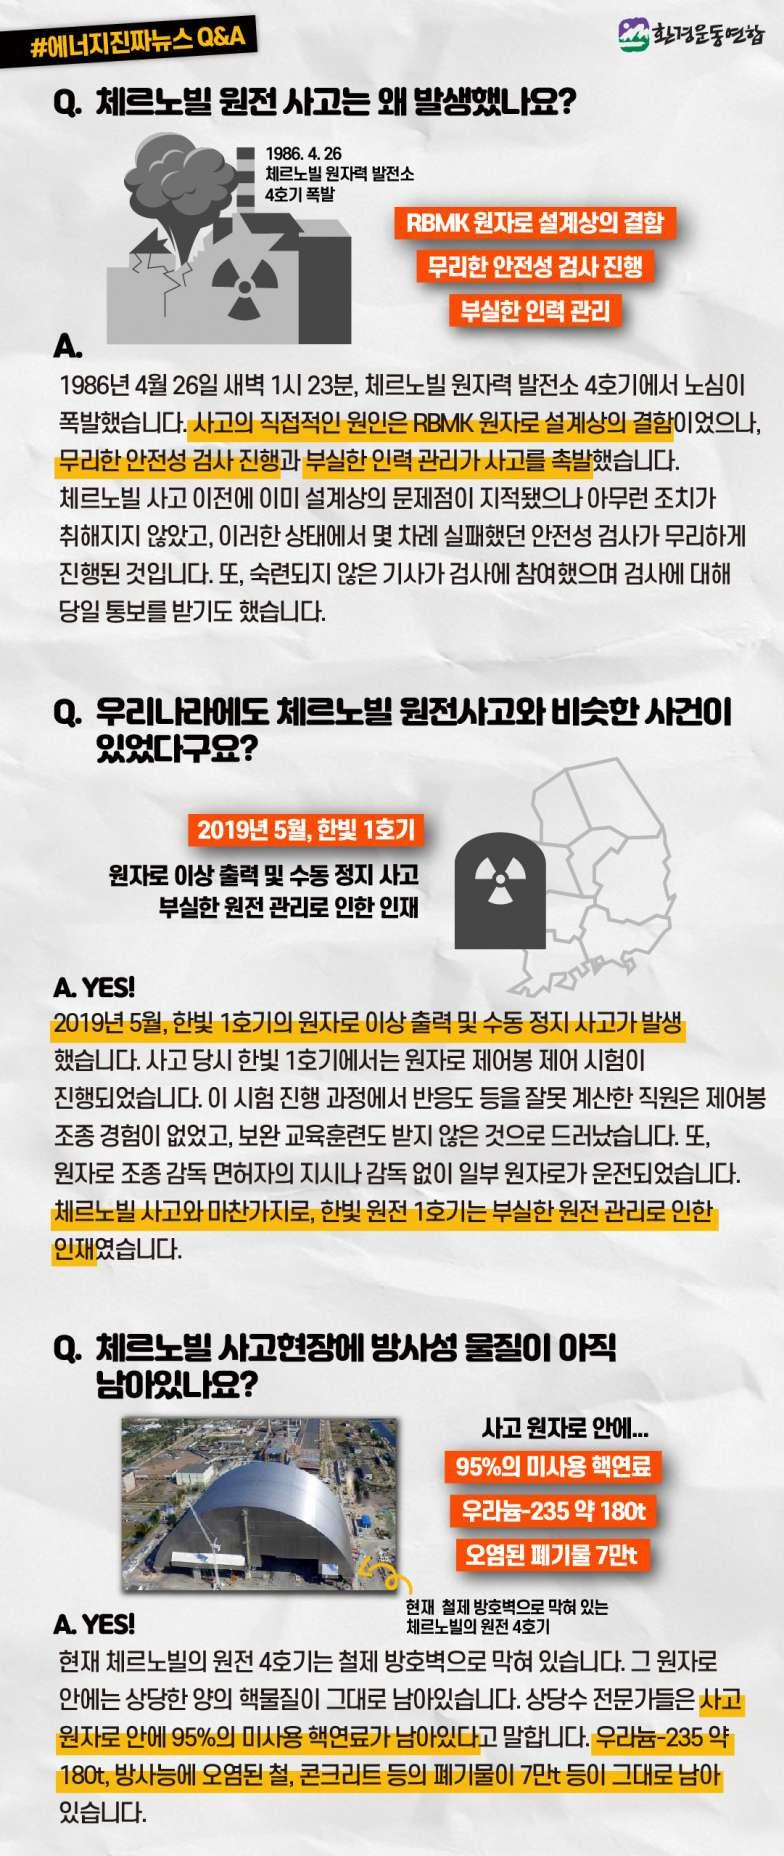 [에너지진짜뉴스 Q&A] 체르노빌 원전사고 (1).jpg